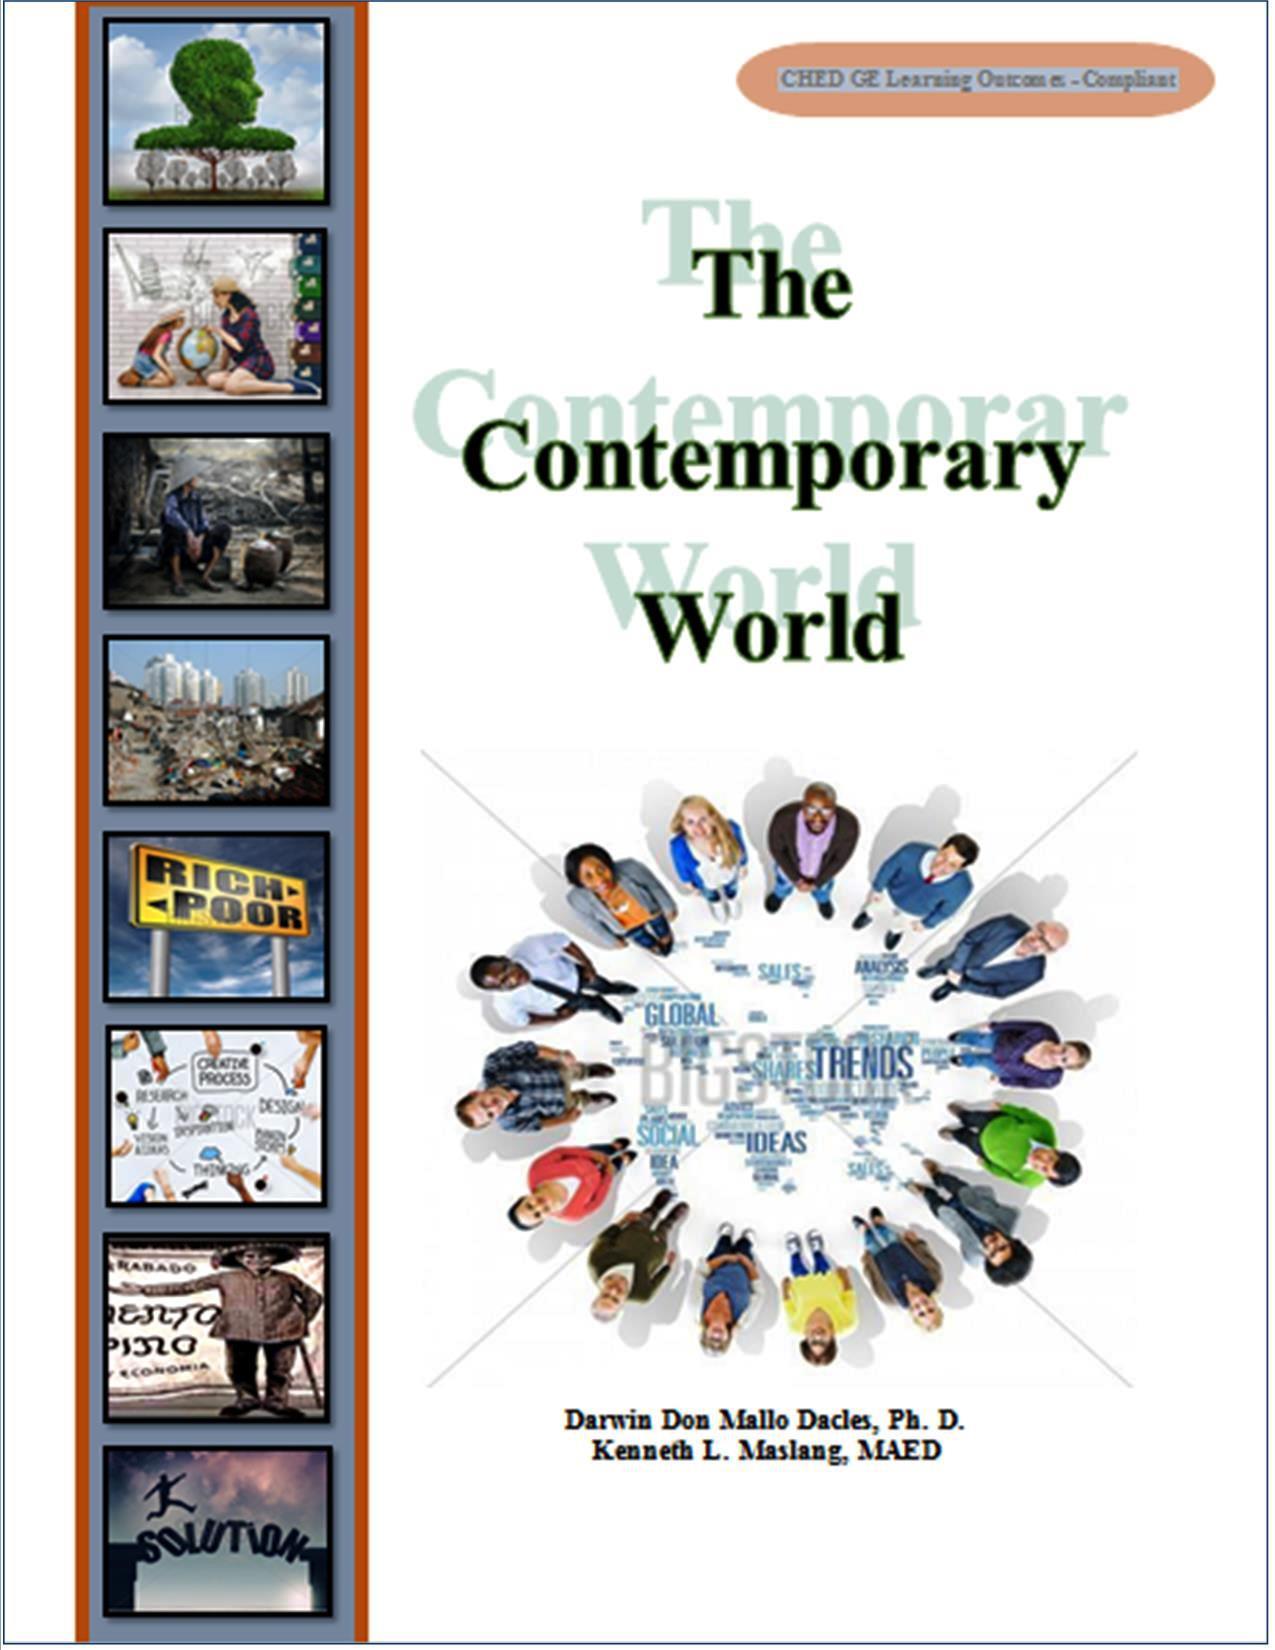 GC World, (3063, 6013, 3081), Kenneth Maslang